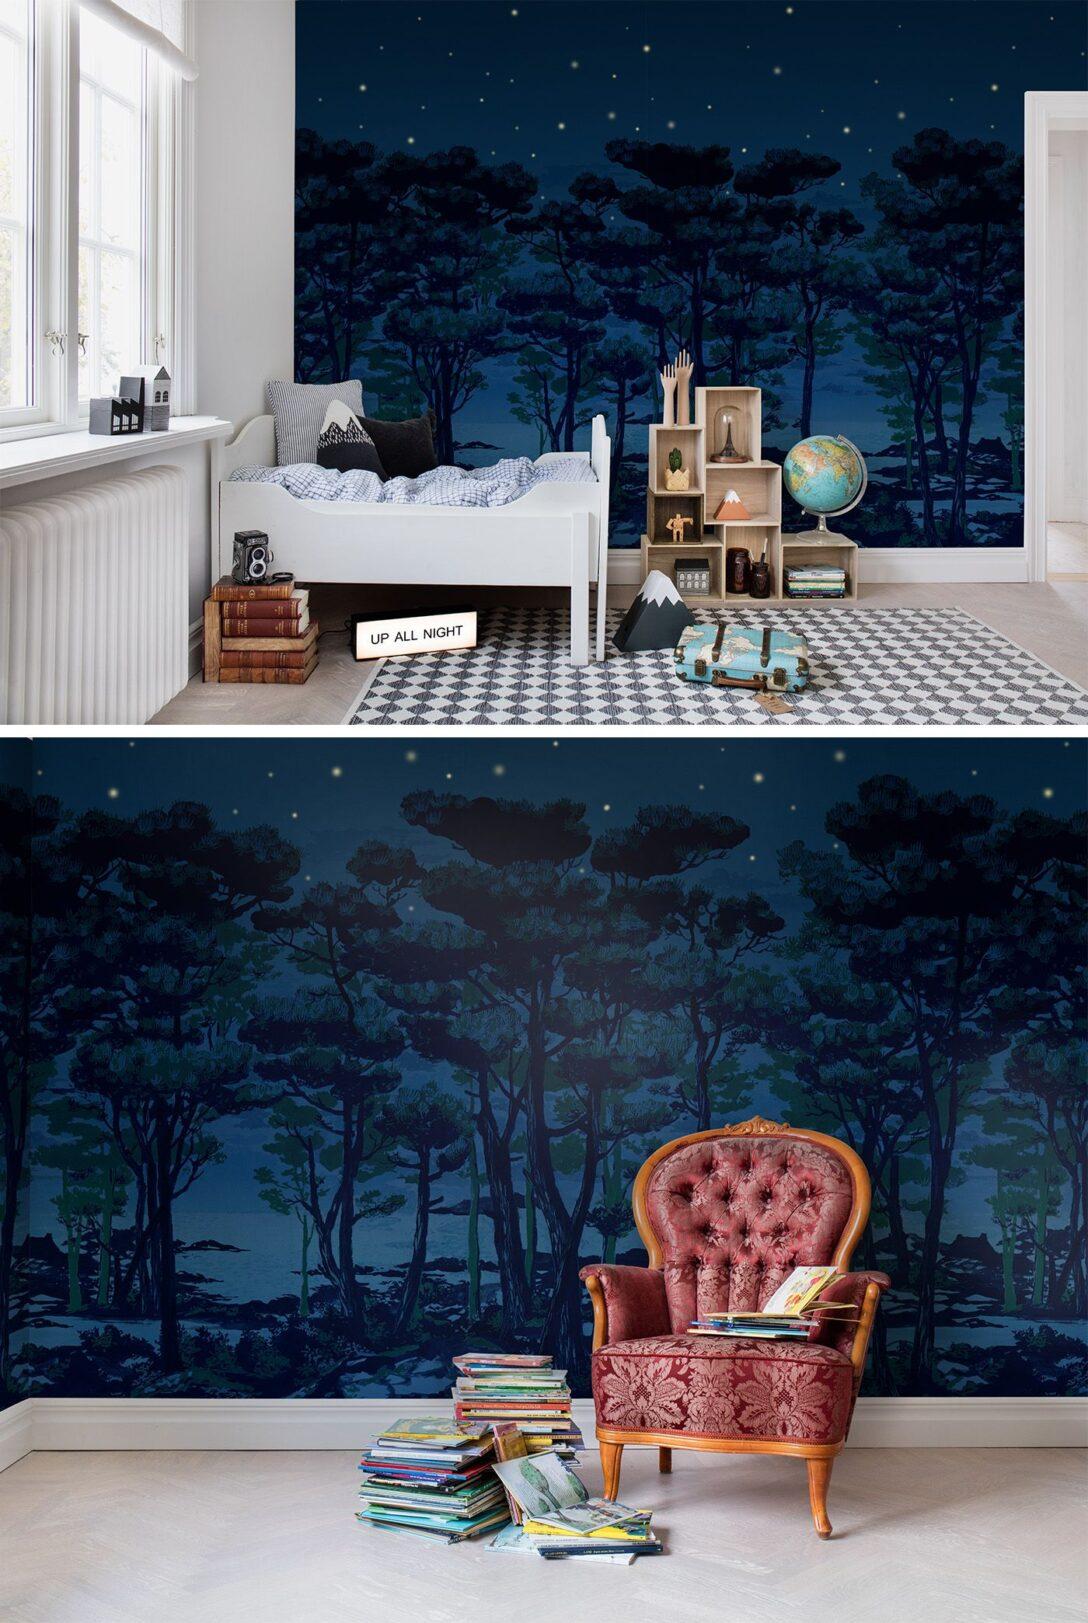 Large Size of The Enchanted Forest In 2020 Kinderzimmer Tapete Fürstenhof Bad Griesbach Spiegelschrank Für Regal Kleidung Boden Badezimmer Moderne Bilder Fürs Wohnzimmer Kinderzimmer Tapeten Für Kinderzimmer